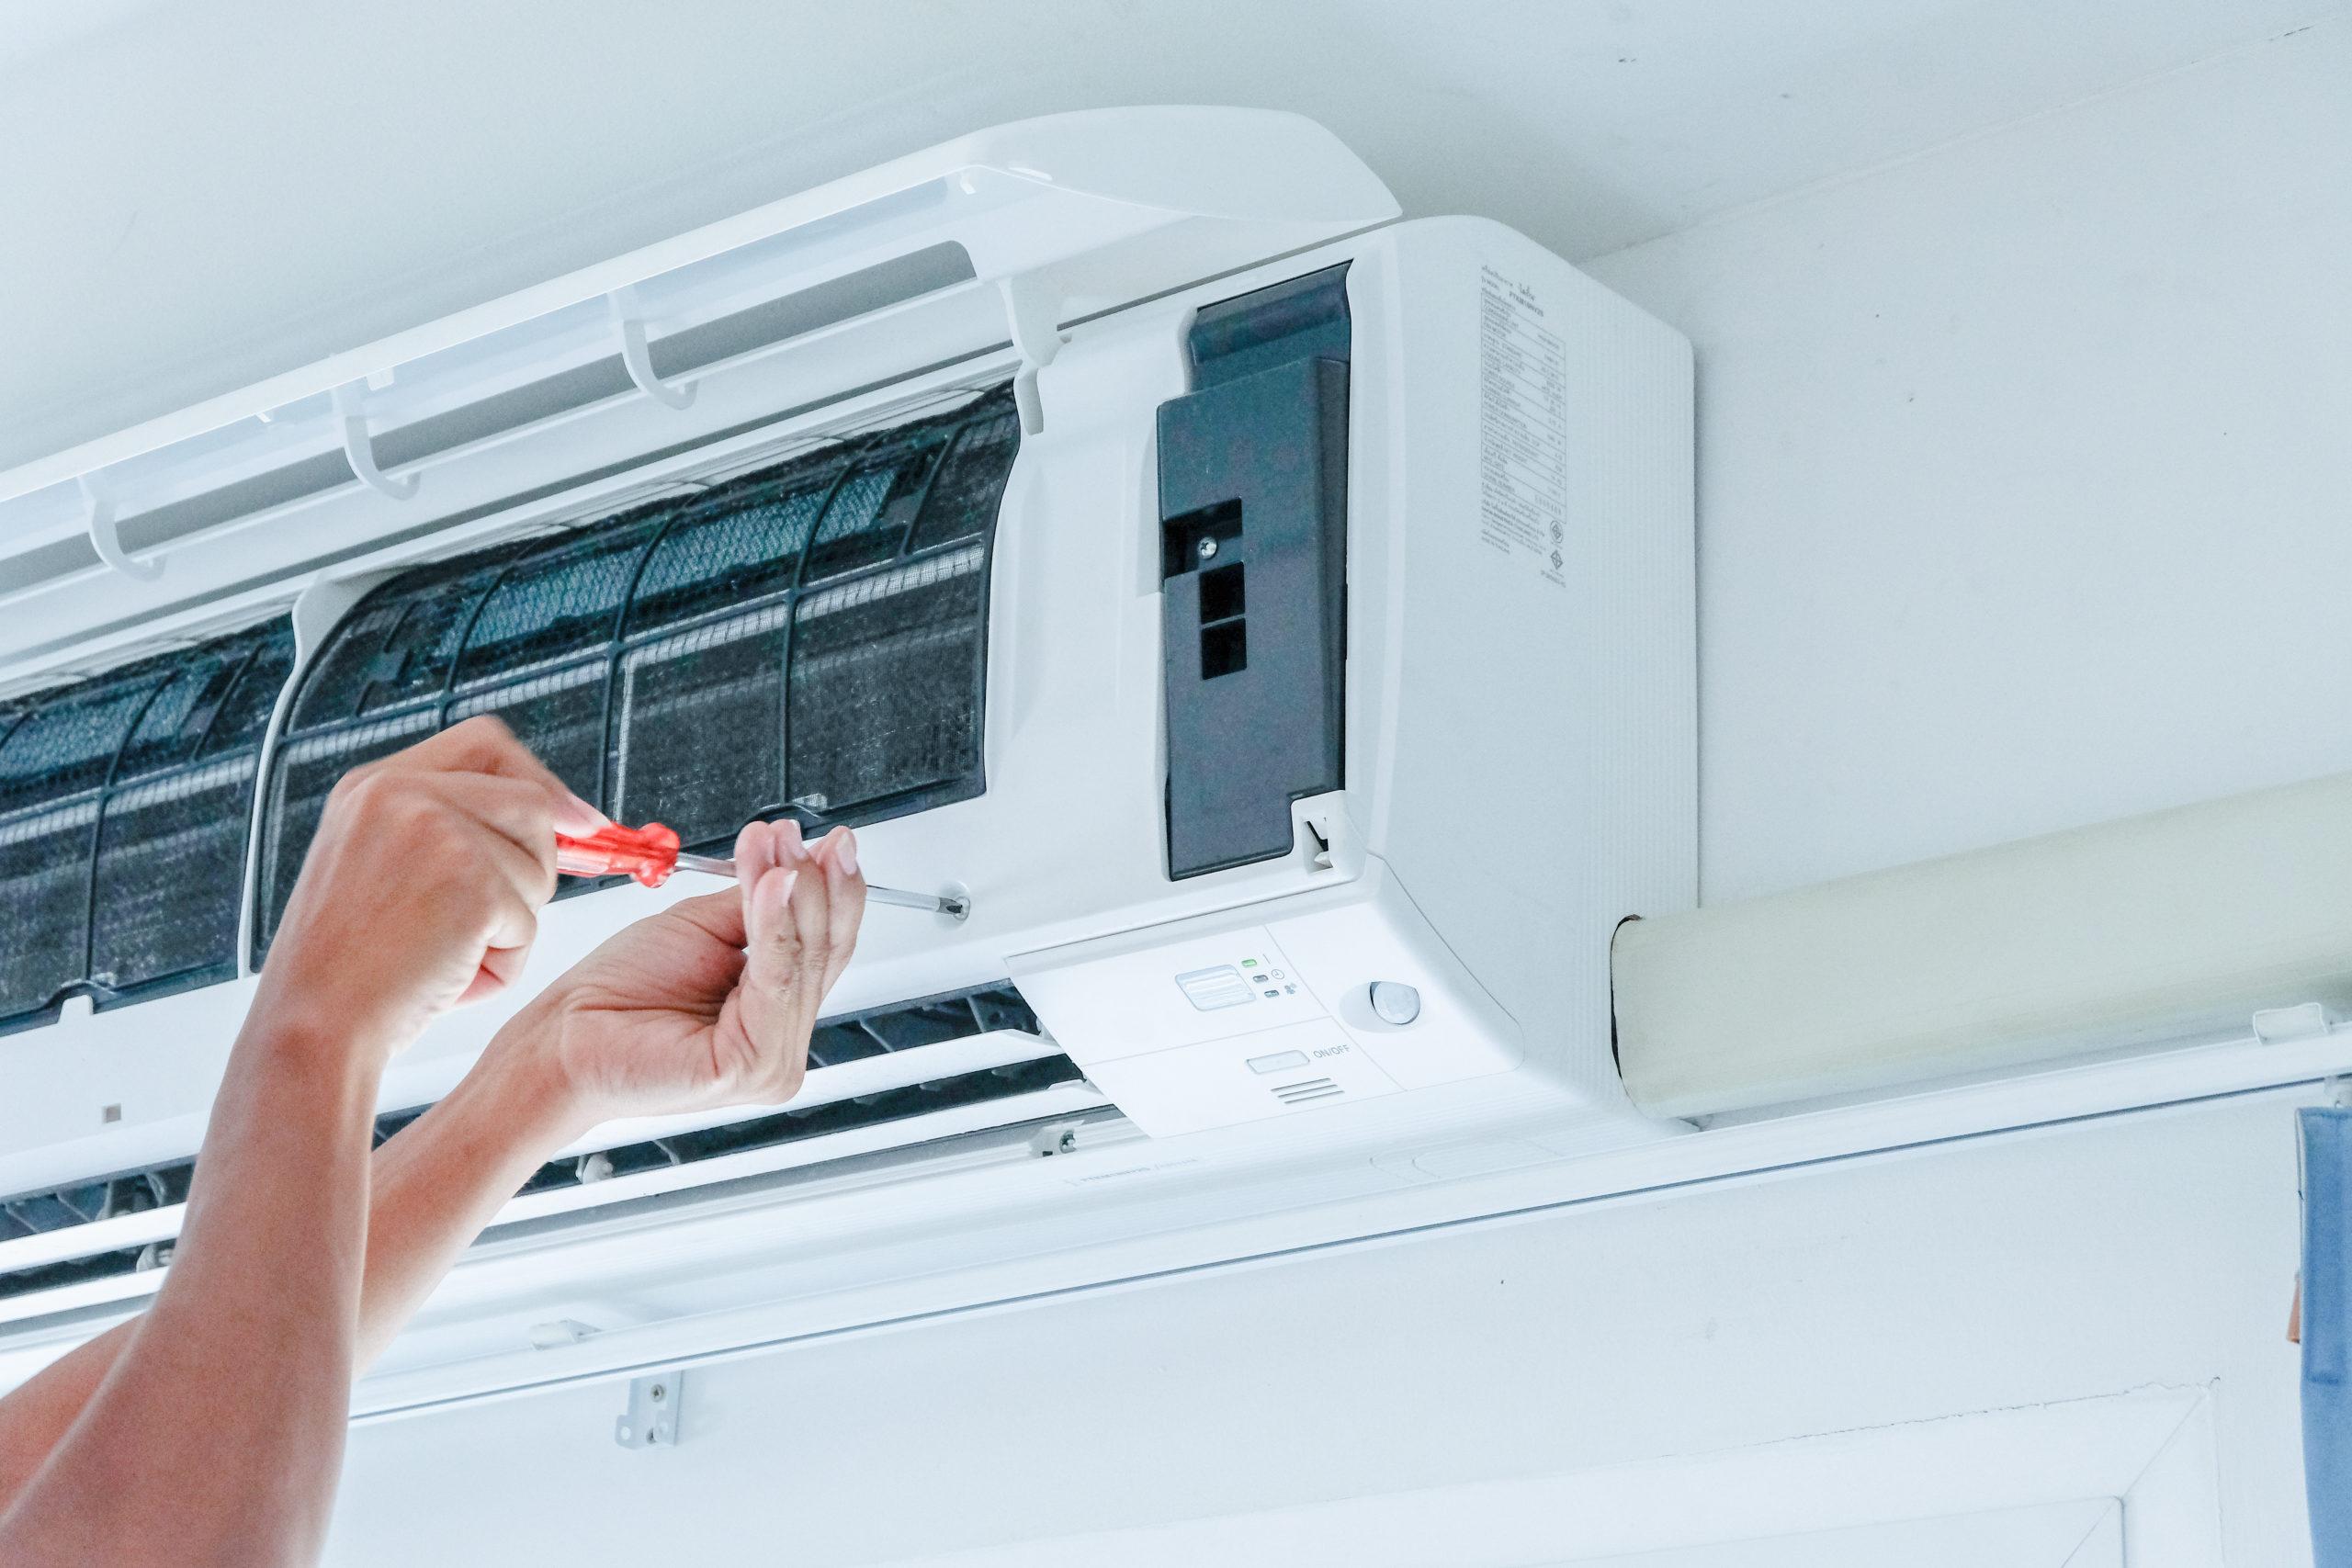 einbau-klimaanlage-zu-hause